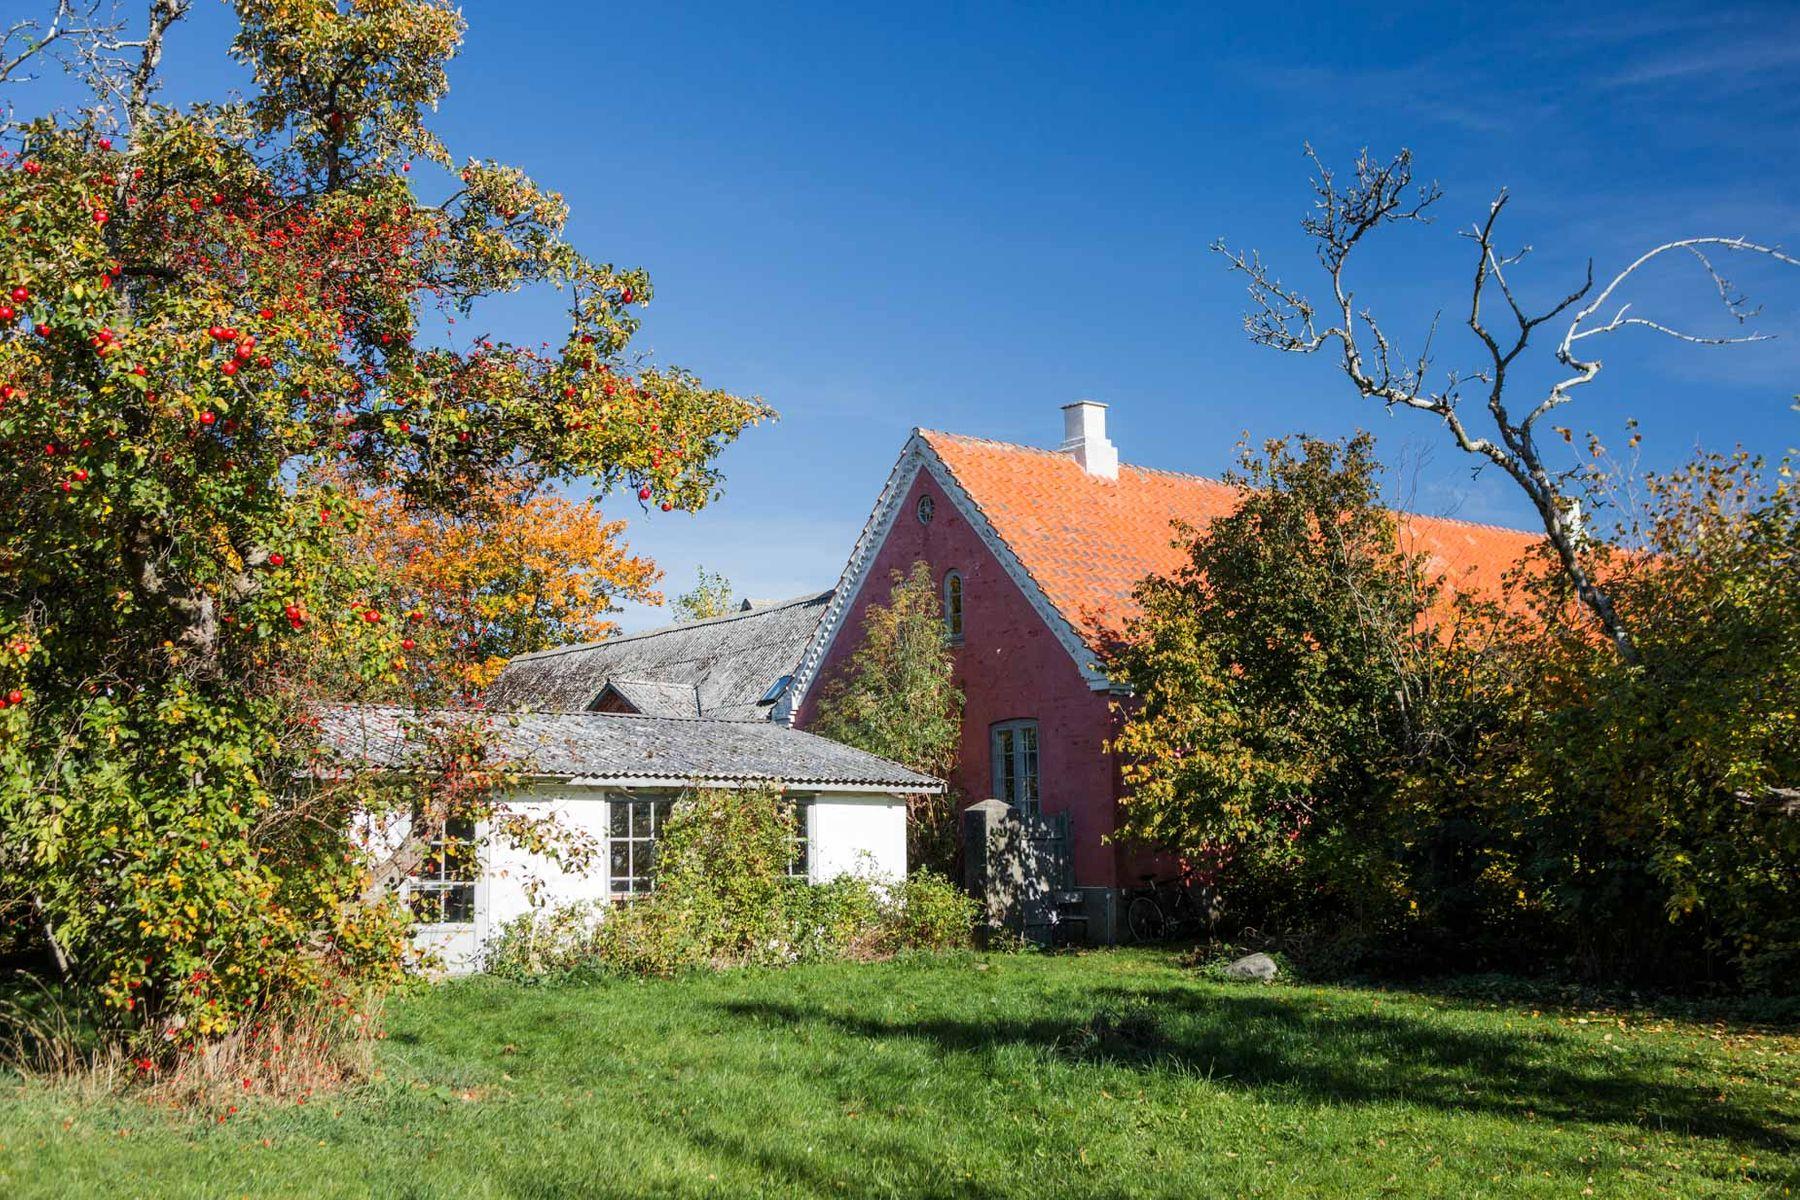 Fuglebjerggaard37.jpeg